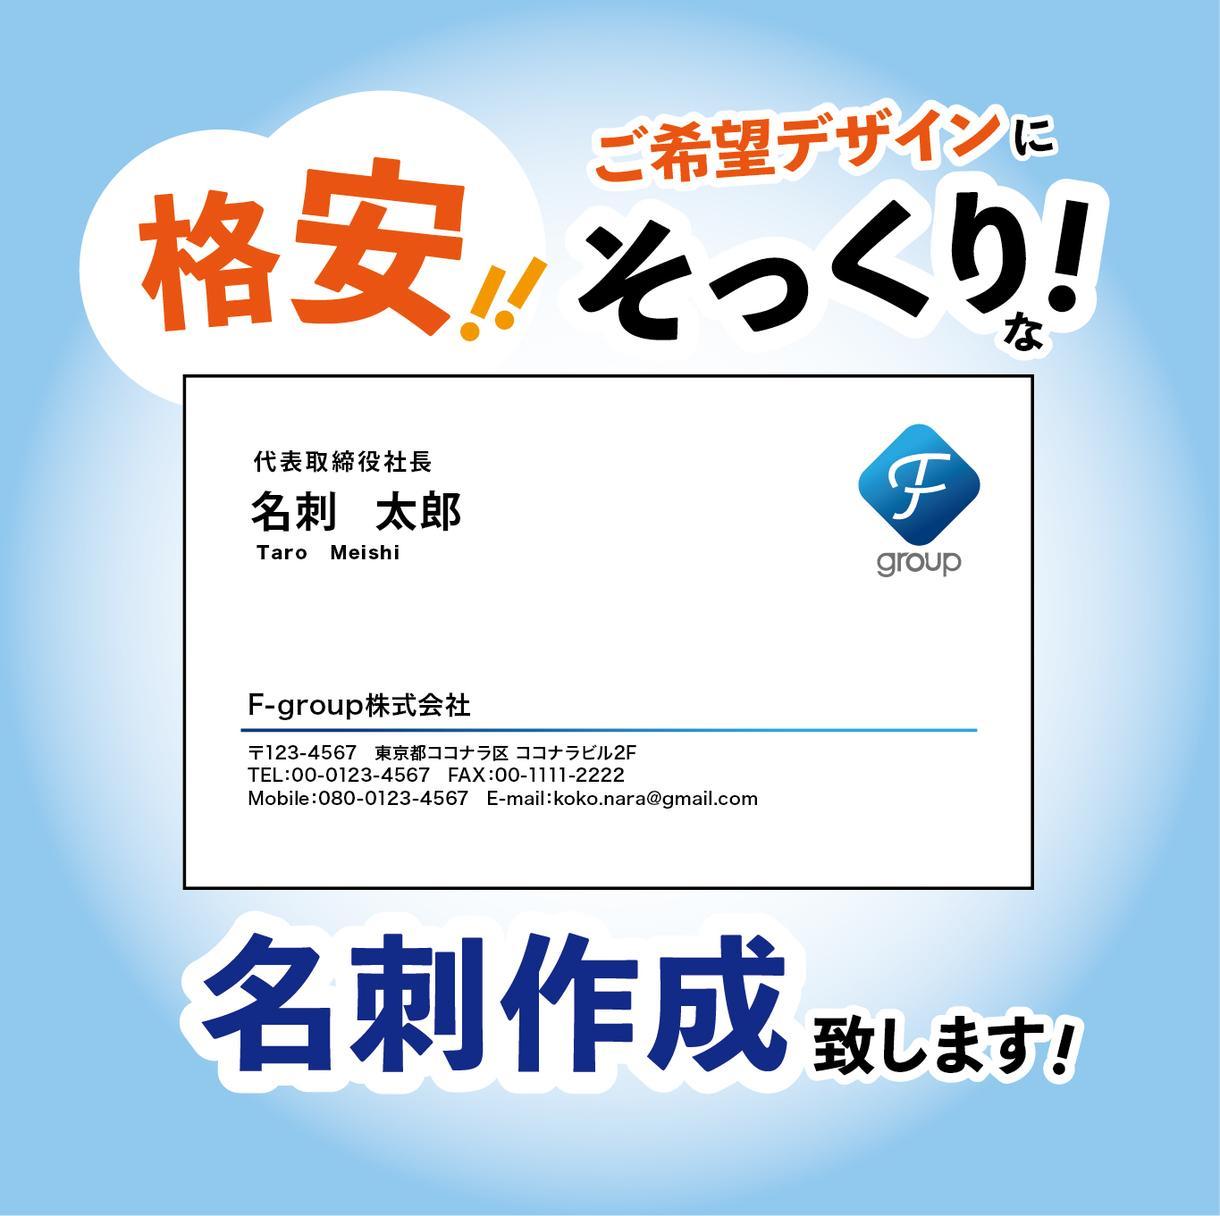 様々なデザイン作成可能!格安!名刺をデザインします お仕事・プライベートに使えるオリジナル名刺をお作りします!